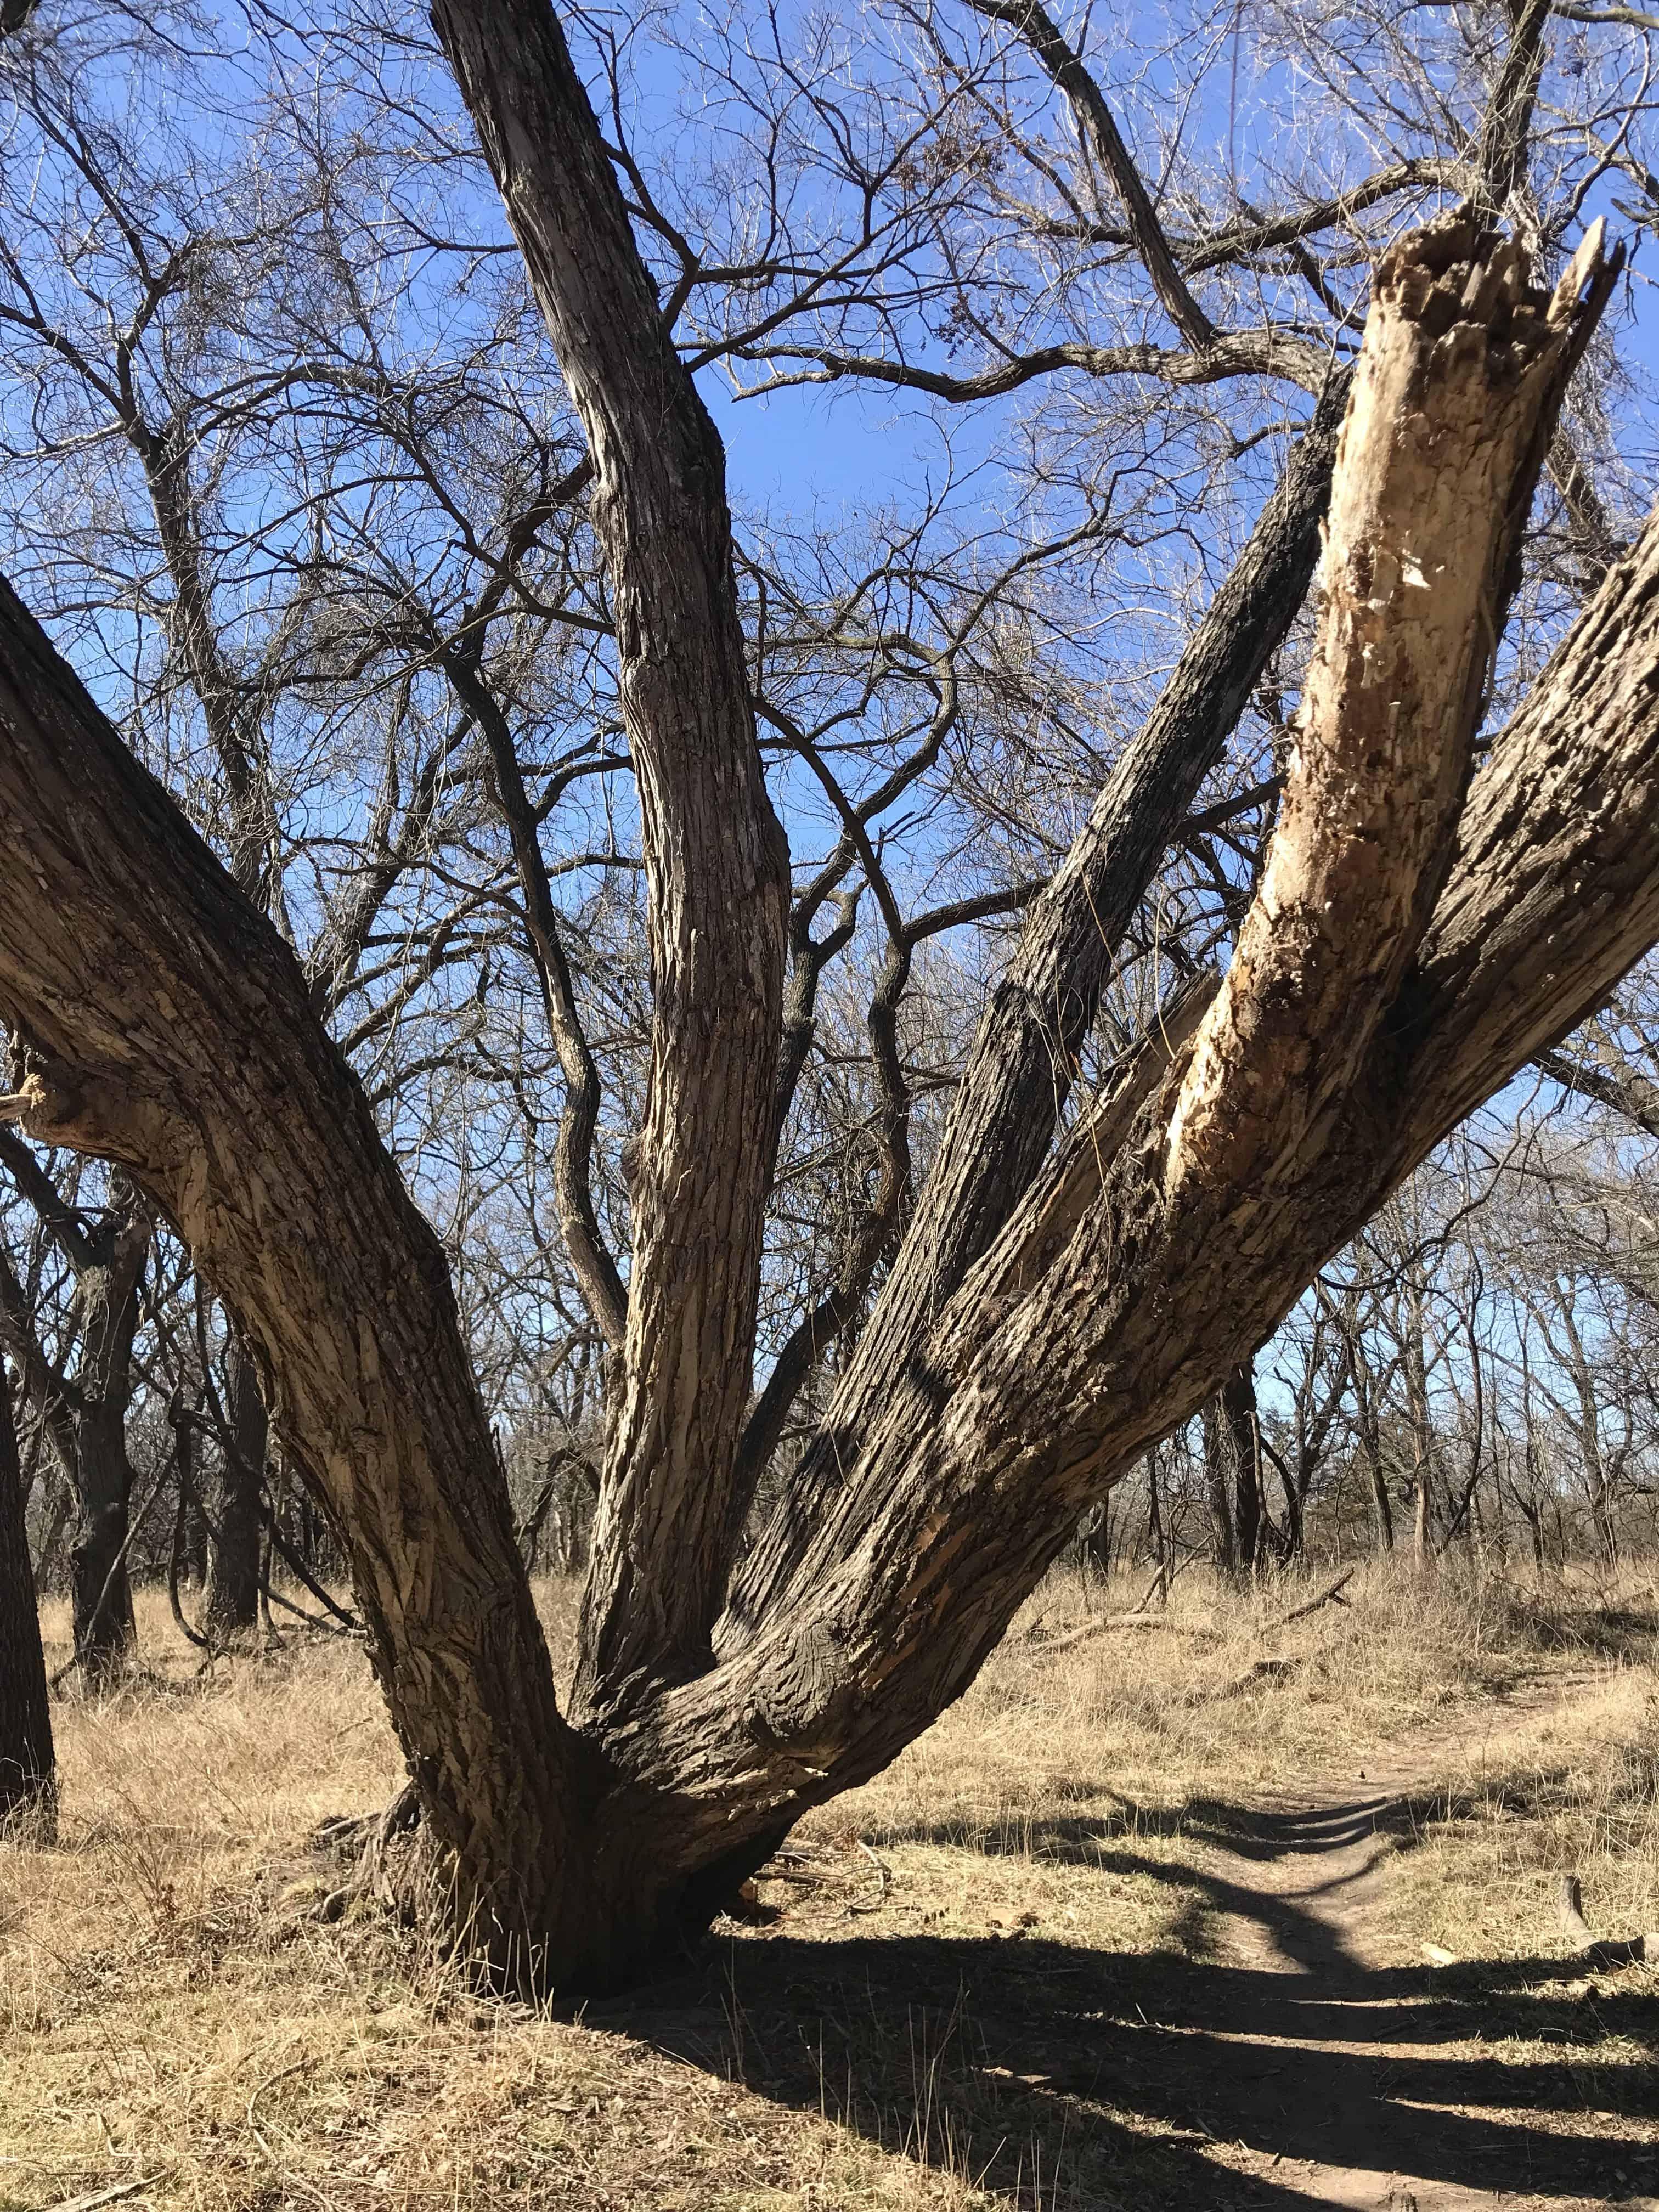 How to spend a day in Wichita. Visiting Pawnee Prairie Park in Wichita, Kansas